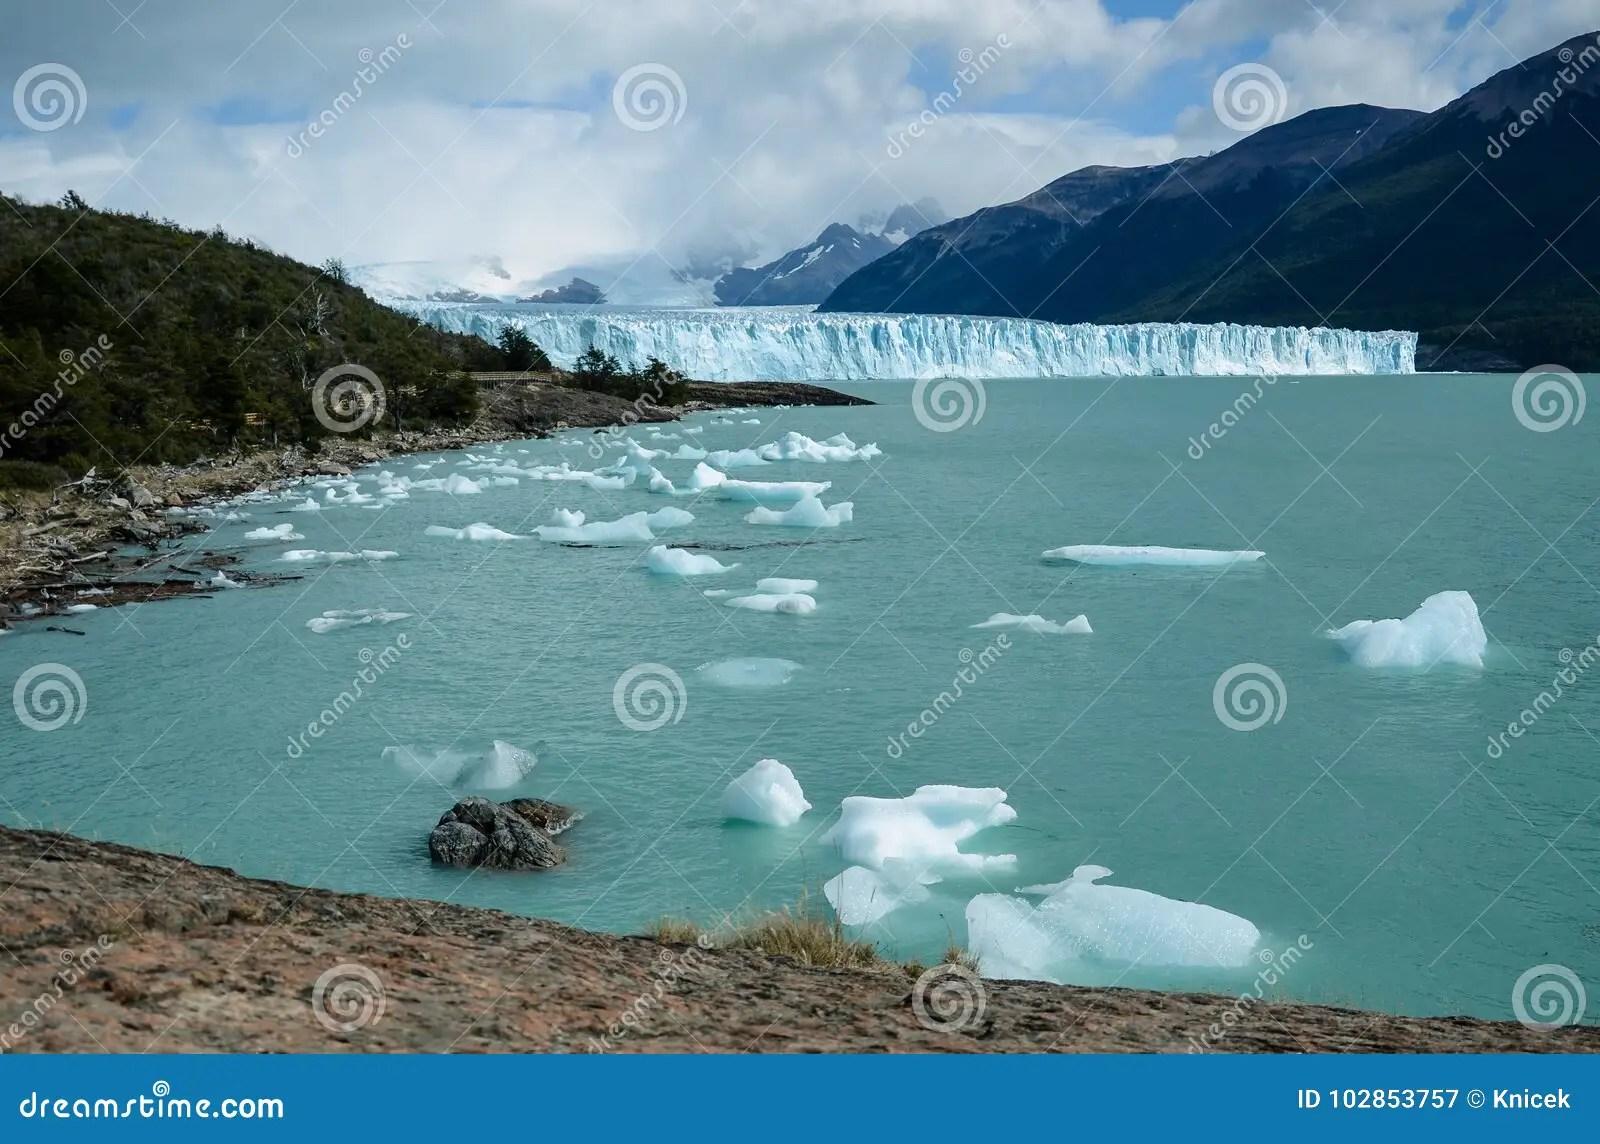 famous perito moreno glacier in los glaciares national park in el calafate argentina south america